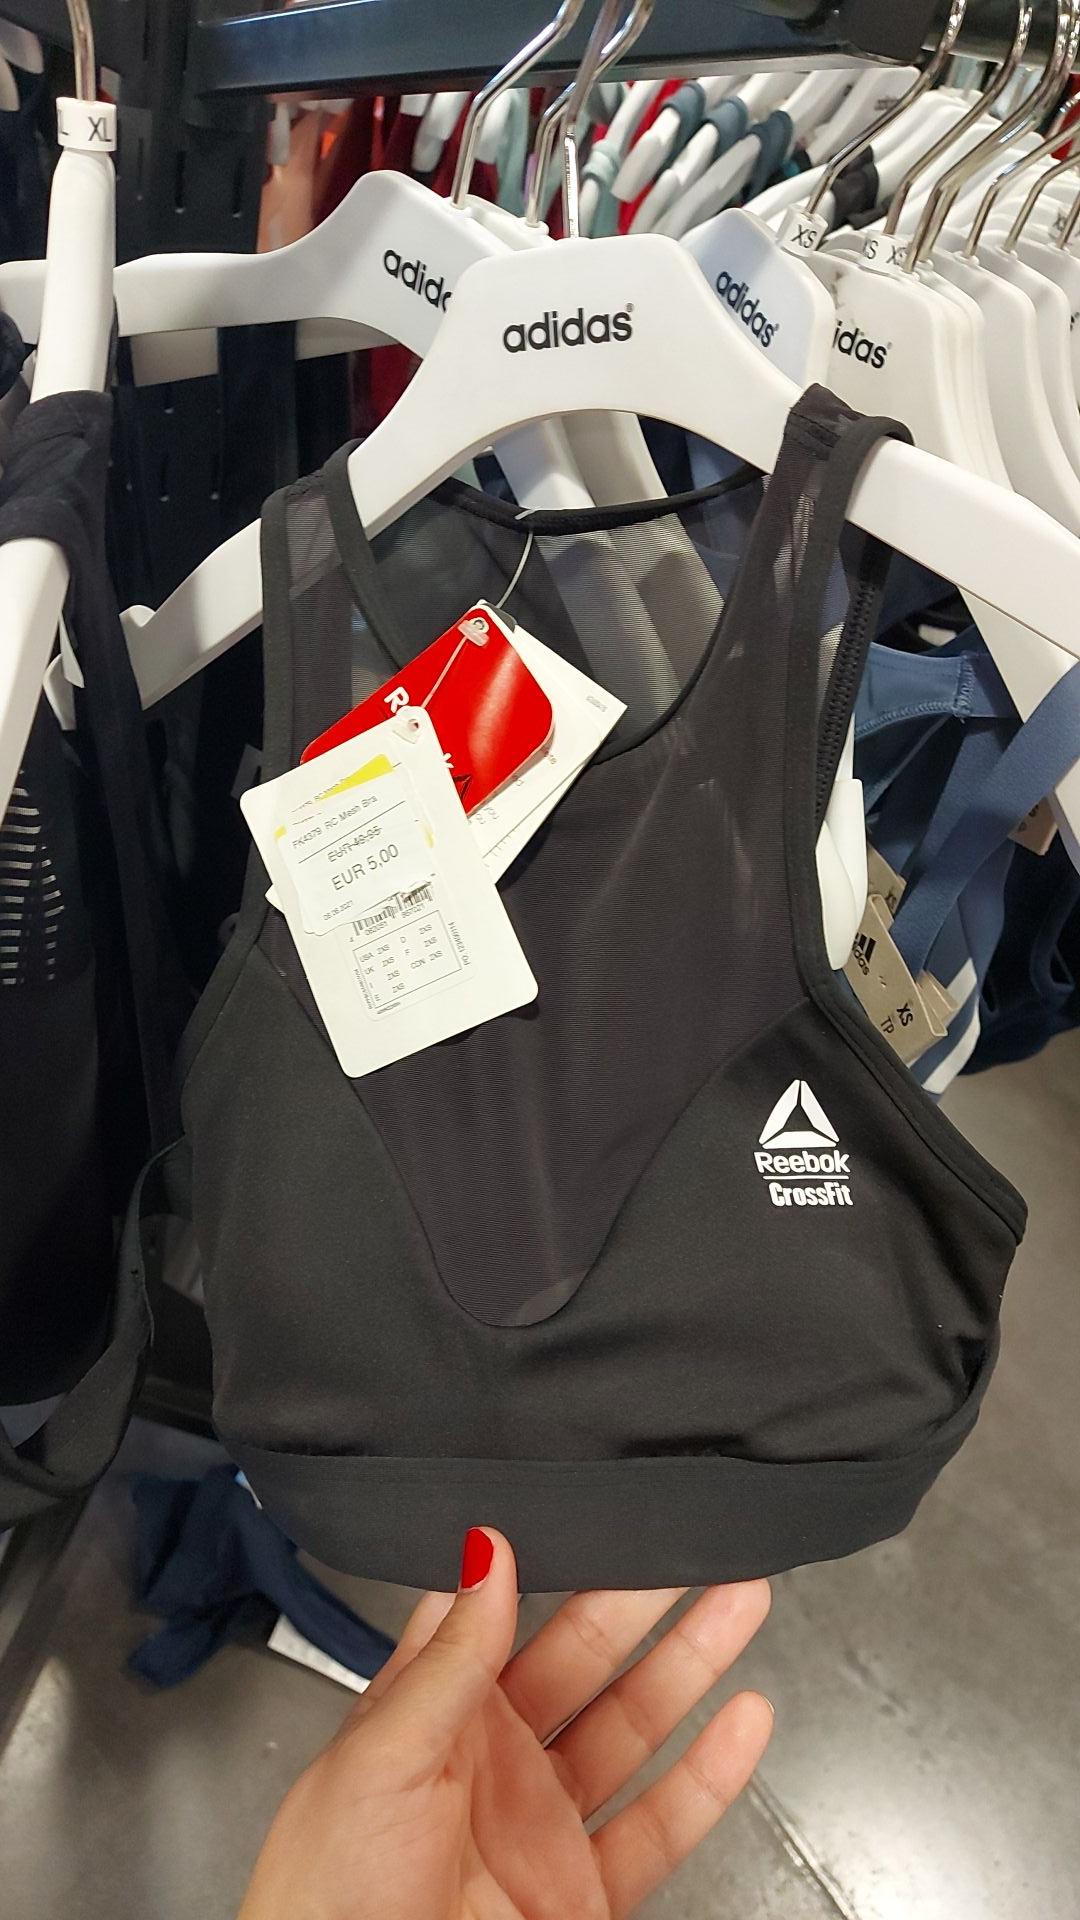 Top deportivo Reebok Adidas outlet de Sevilla